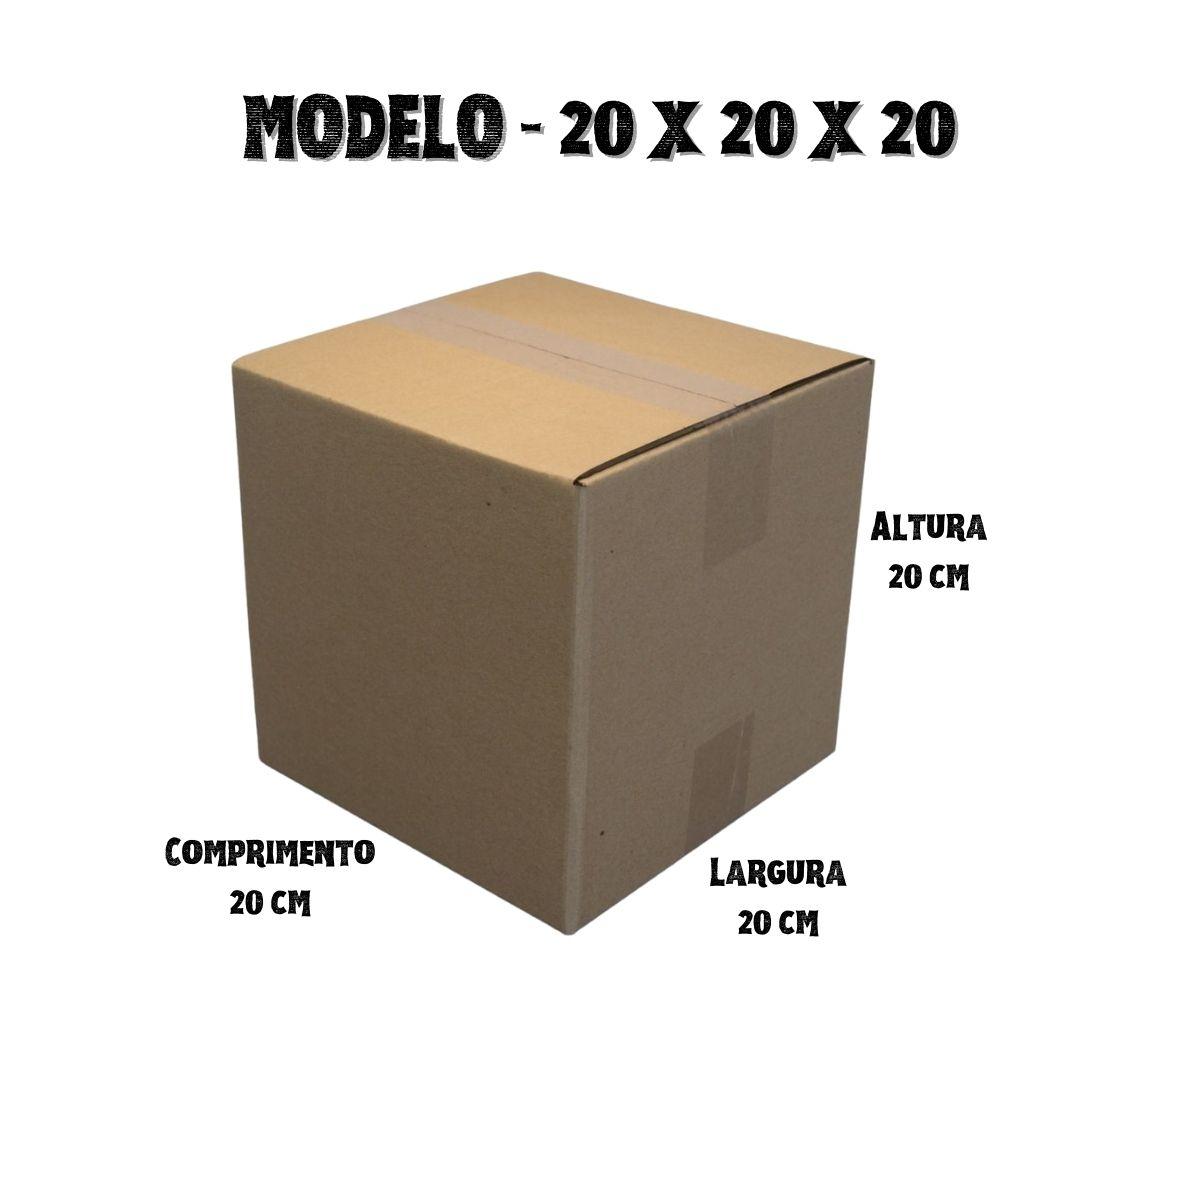 100 Caixas de Papelao (20X20X20)cm - Sedex / Pac / Correios